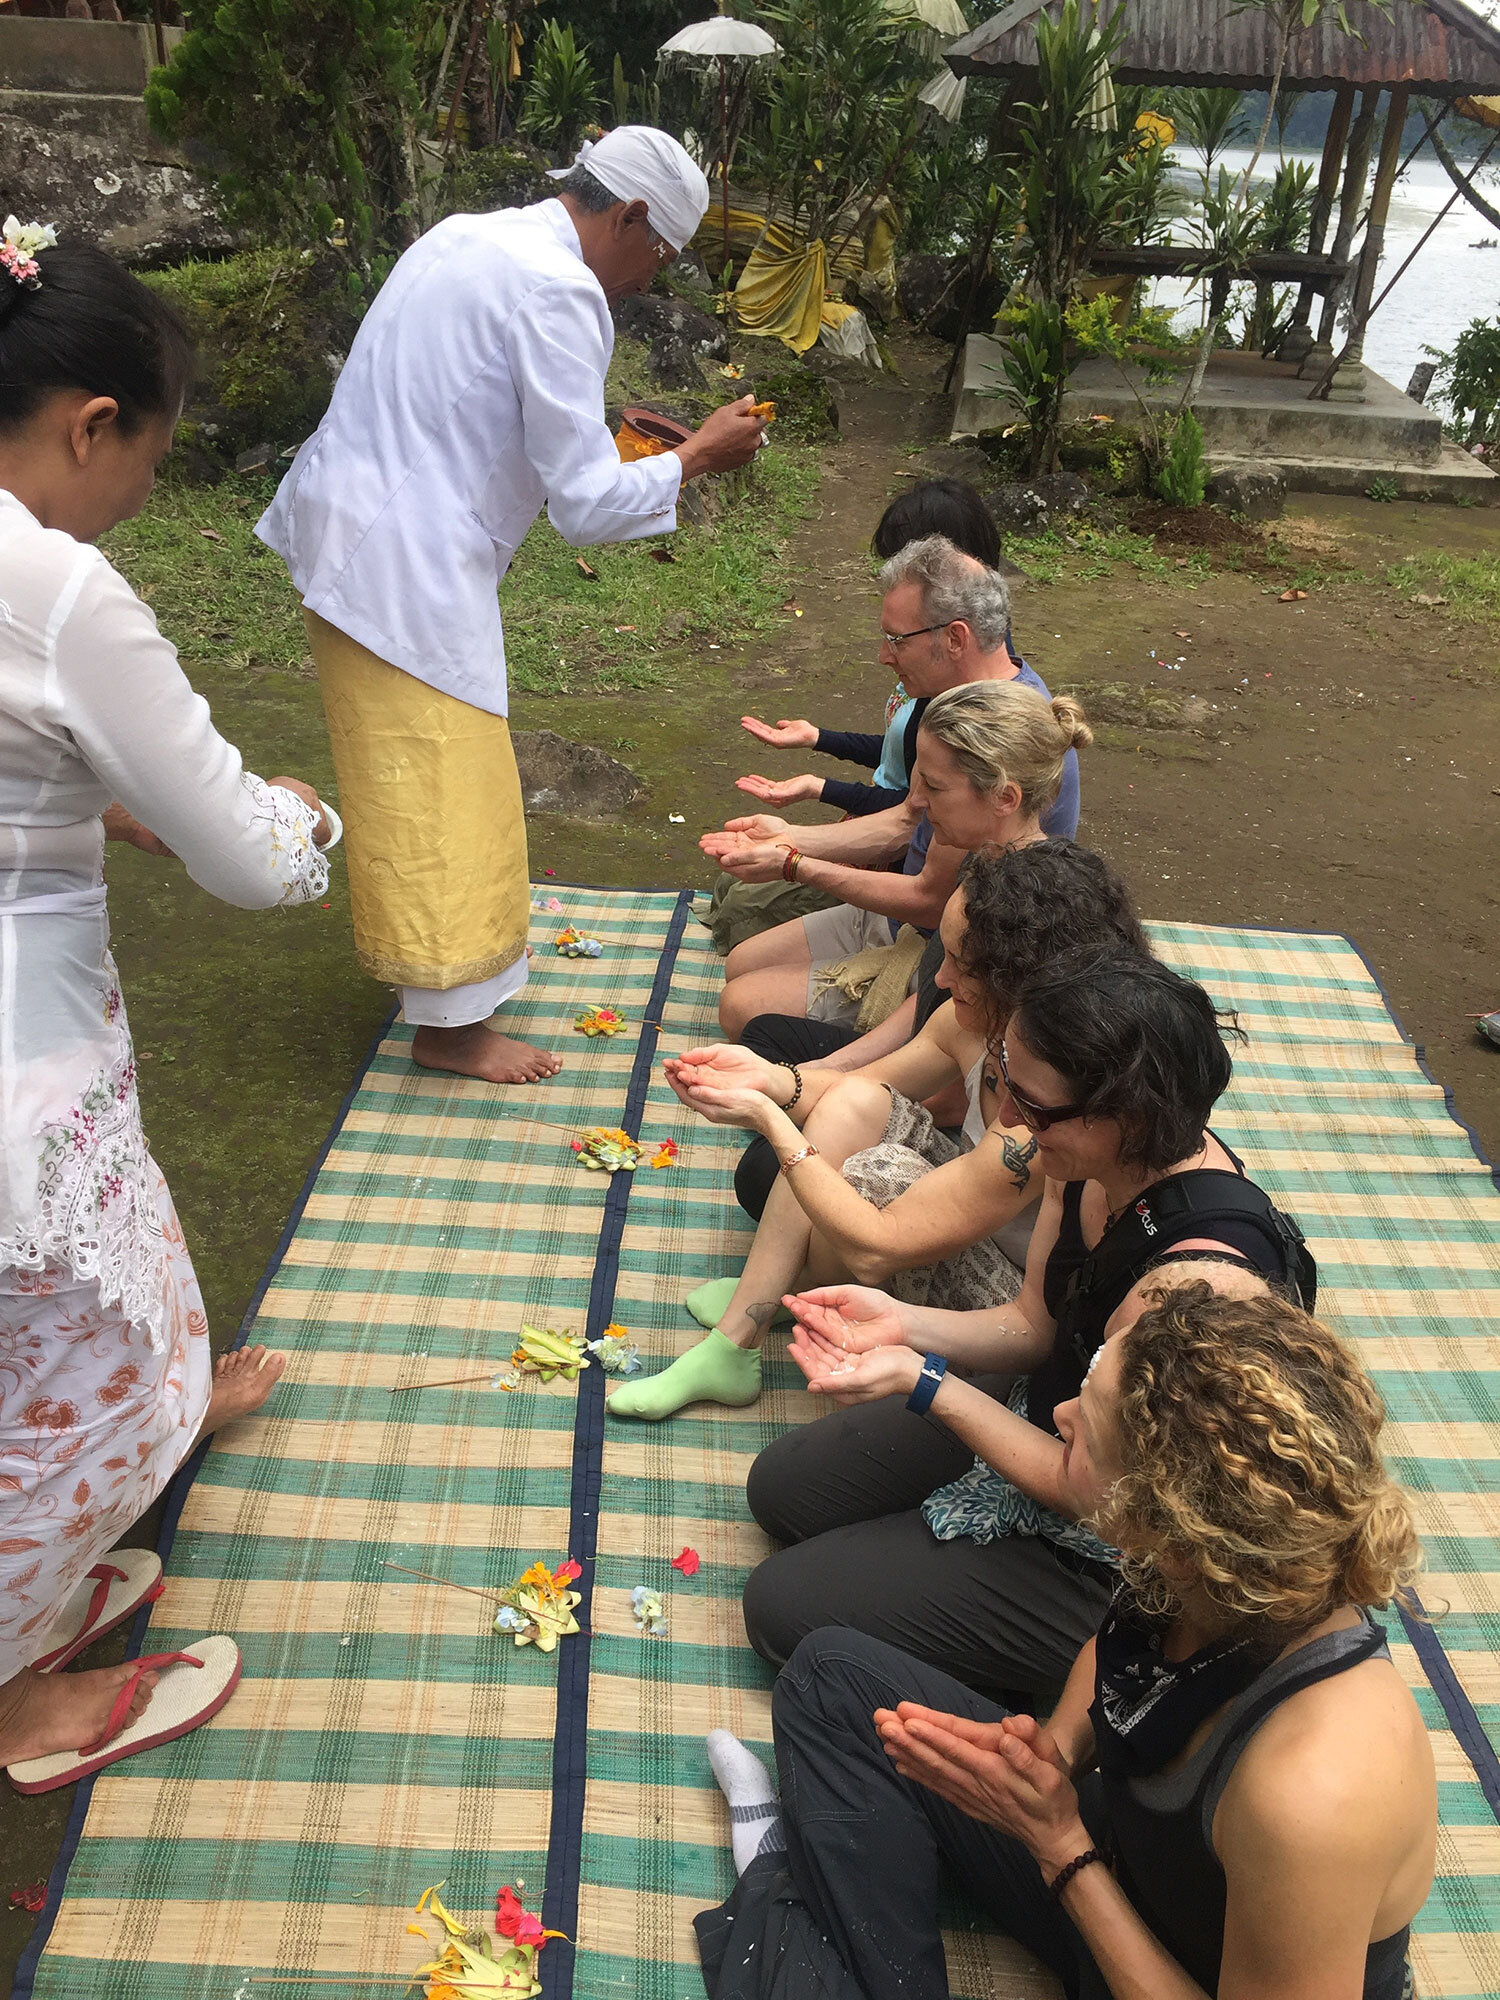 bali-healers2.jpg